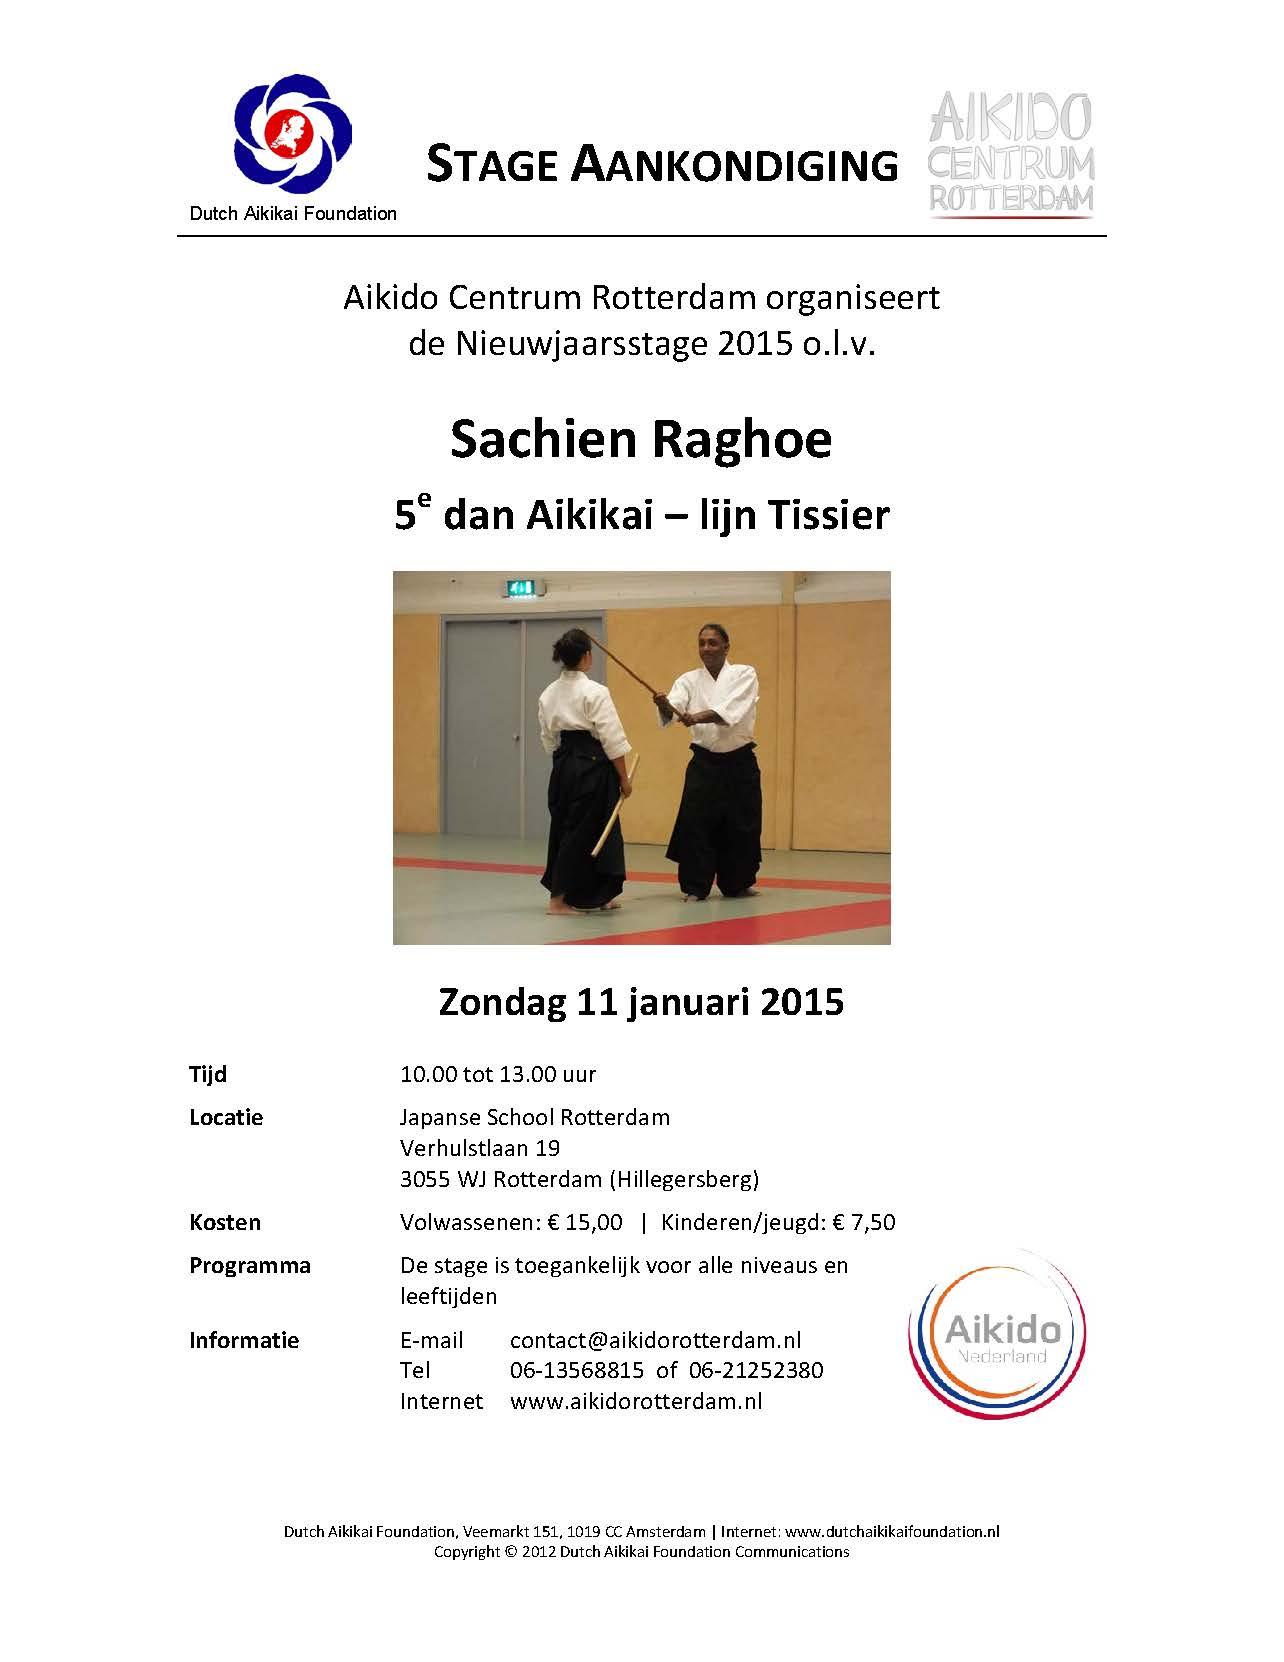 Stage Aankondiging ACR Nieuwjaarsstage 11-1-2015